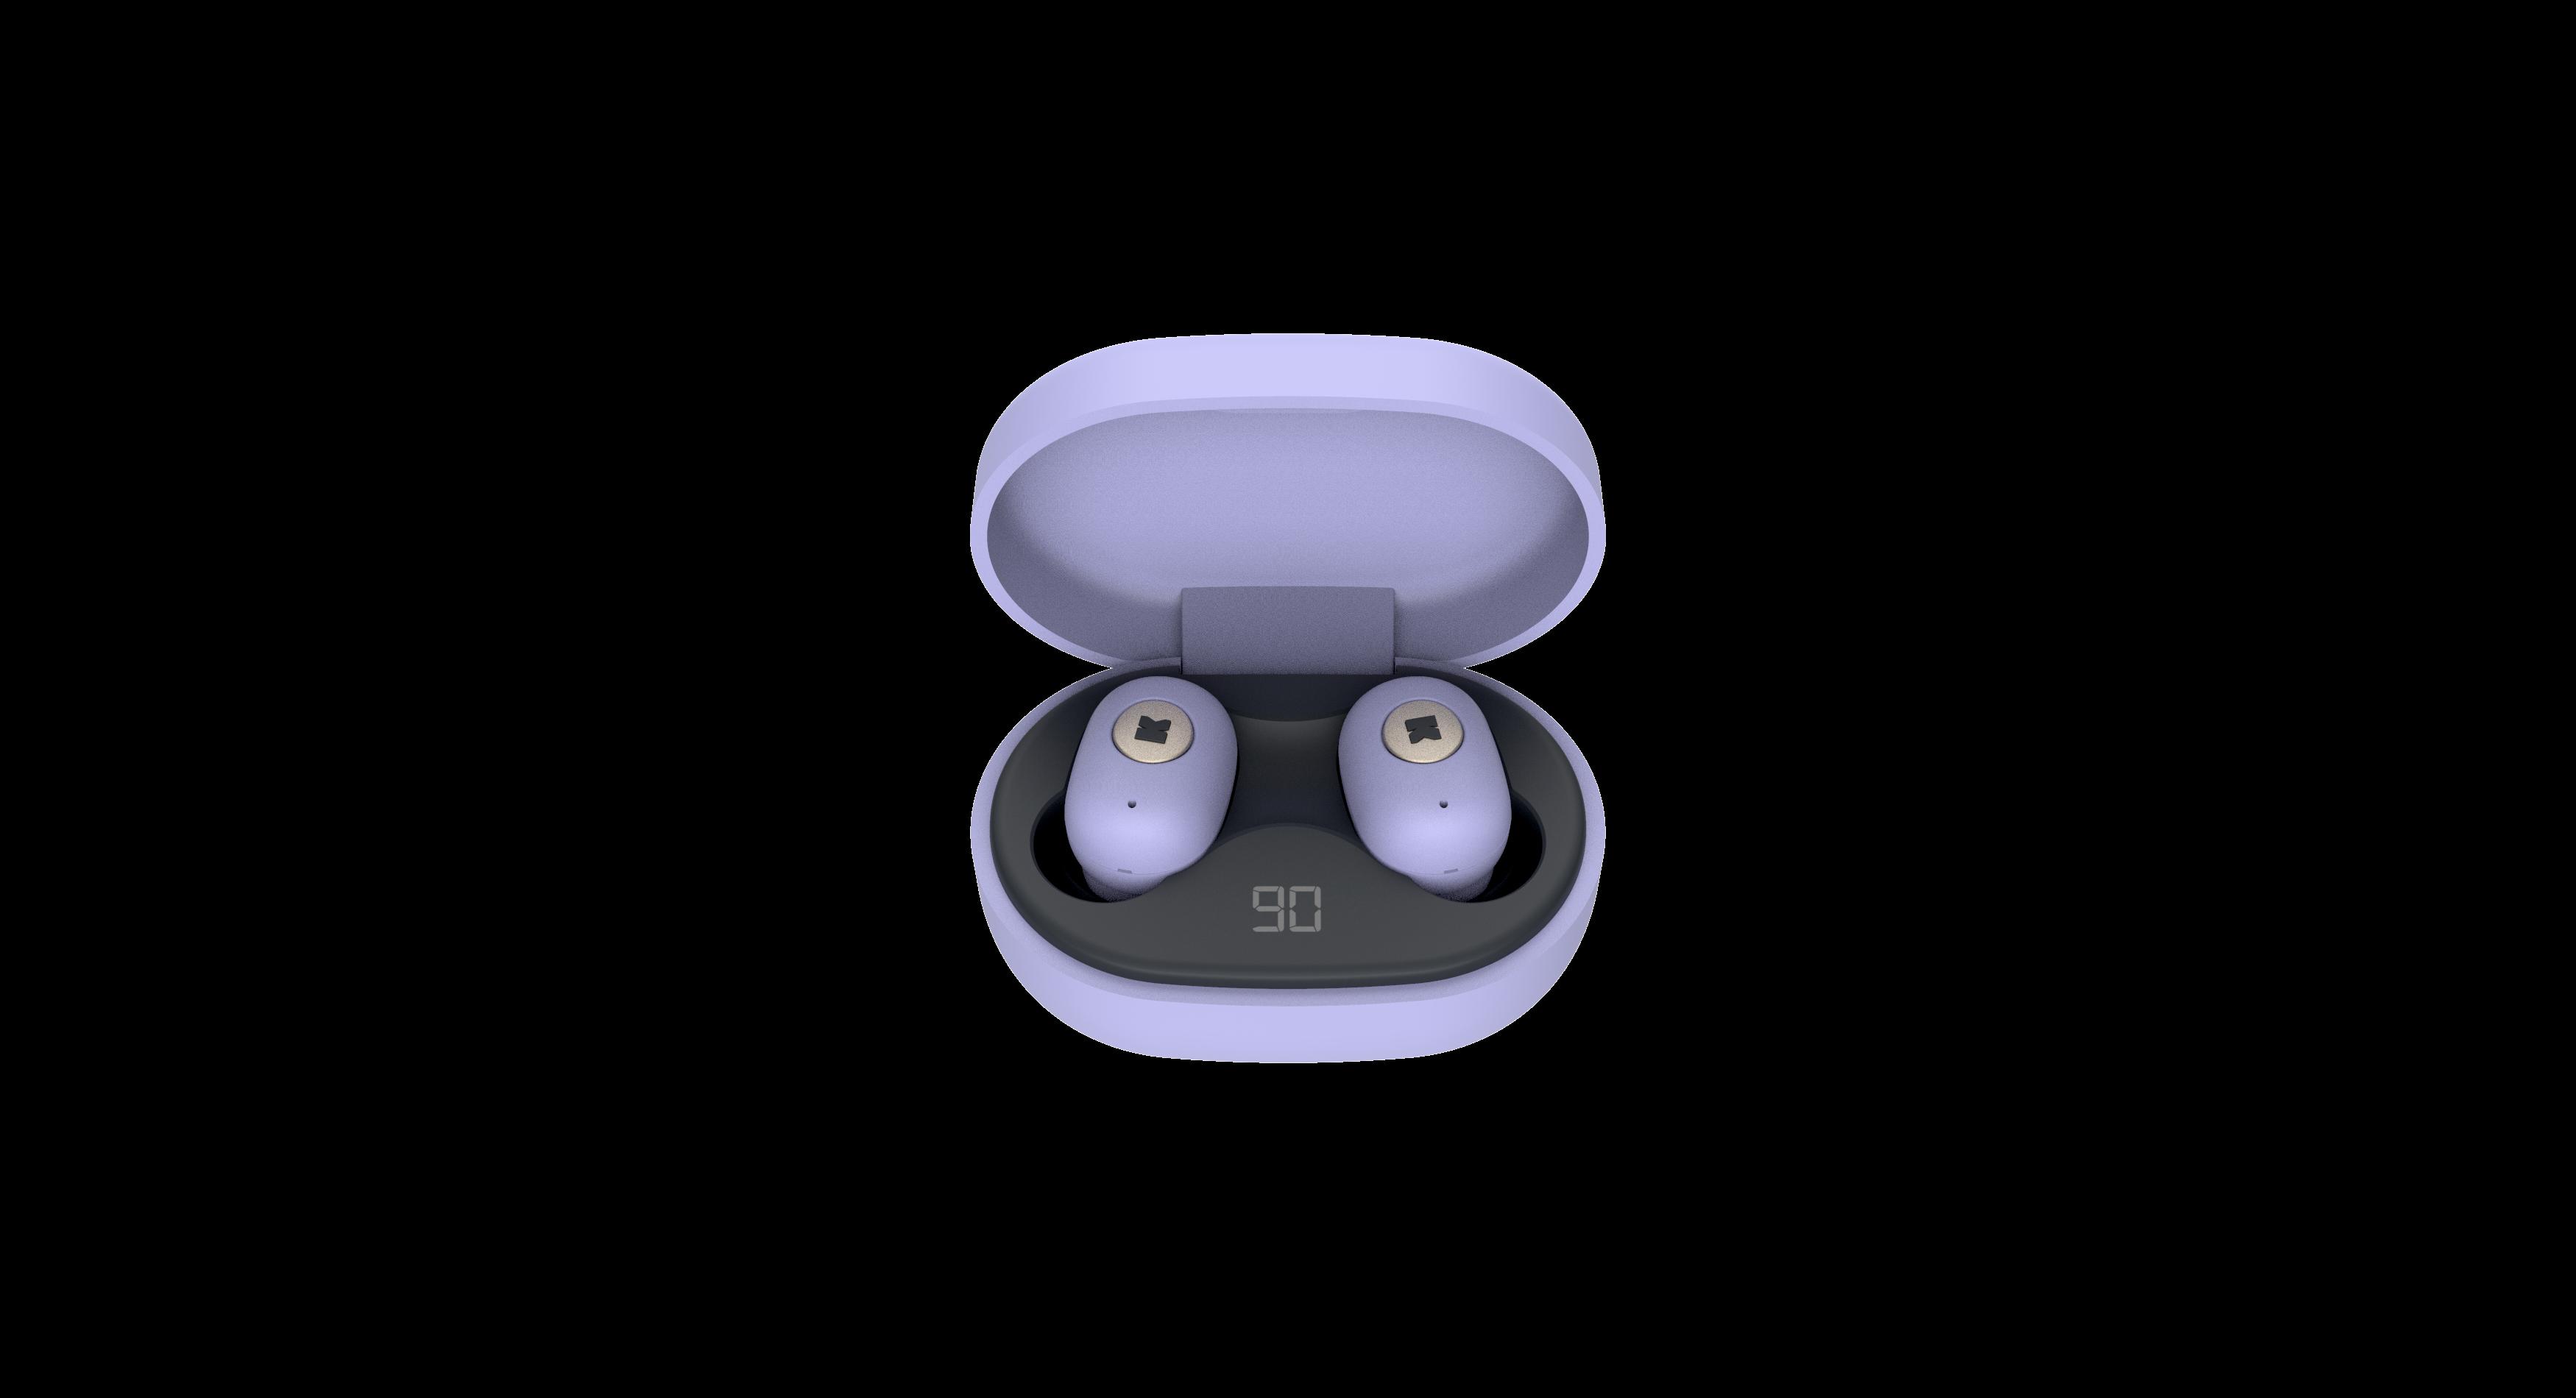 Billede af KreaFunk - aBEAN In-Ear Bluetooth Høretelefoner - Spring Lavender